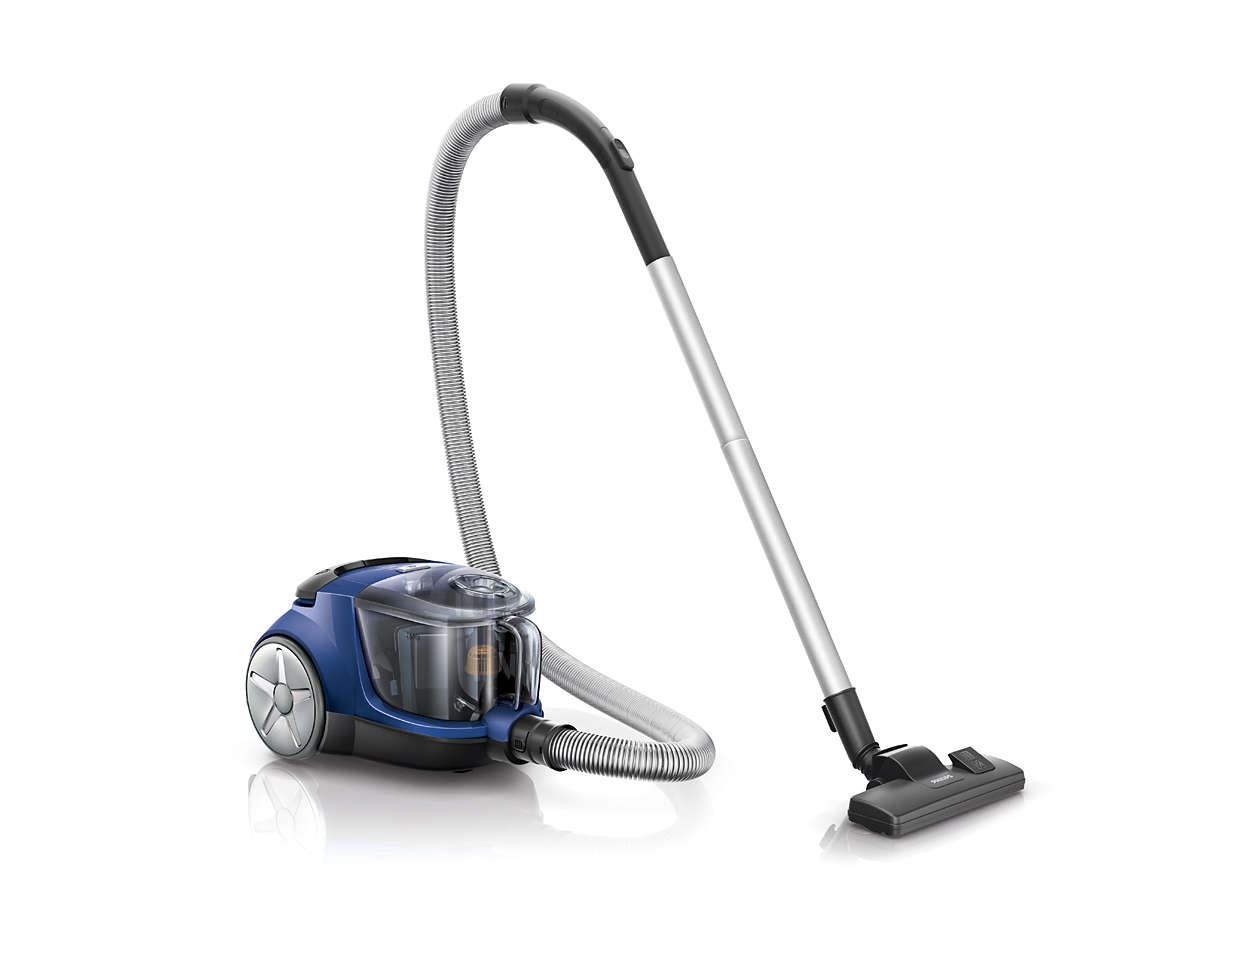 Starke Saugleistung für eine bessere Reinigung*